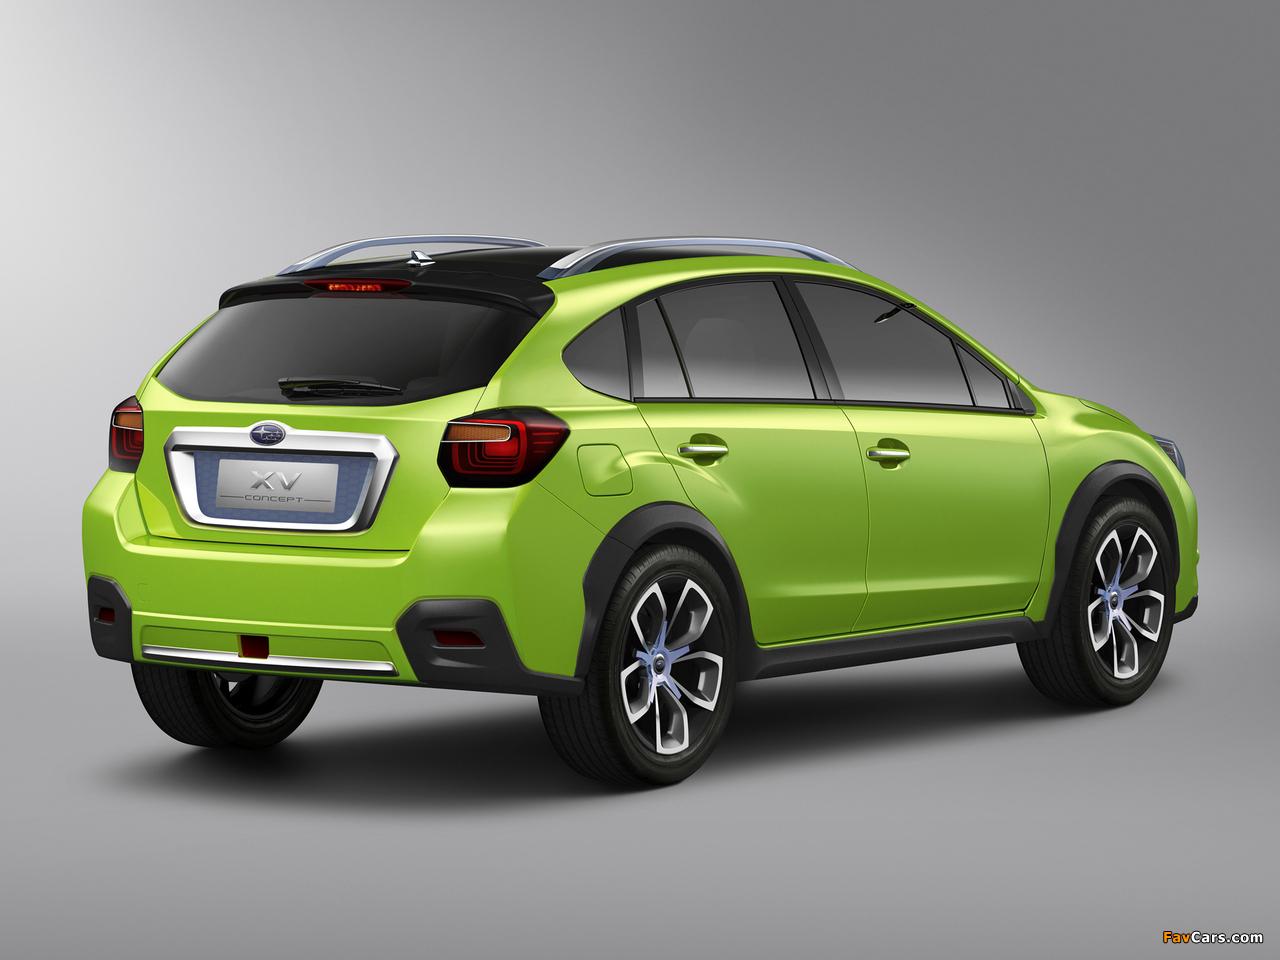 Subaru XV Concept 2011 photos (1280 x 960)